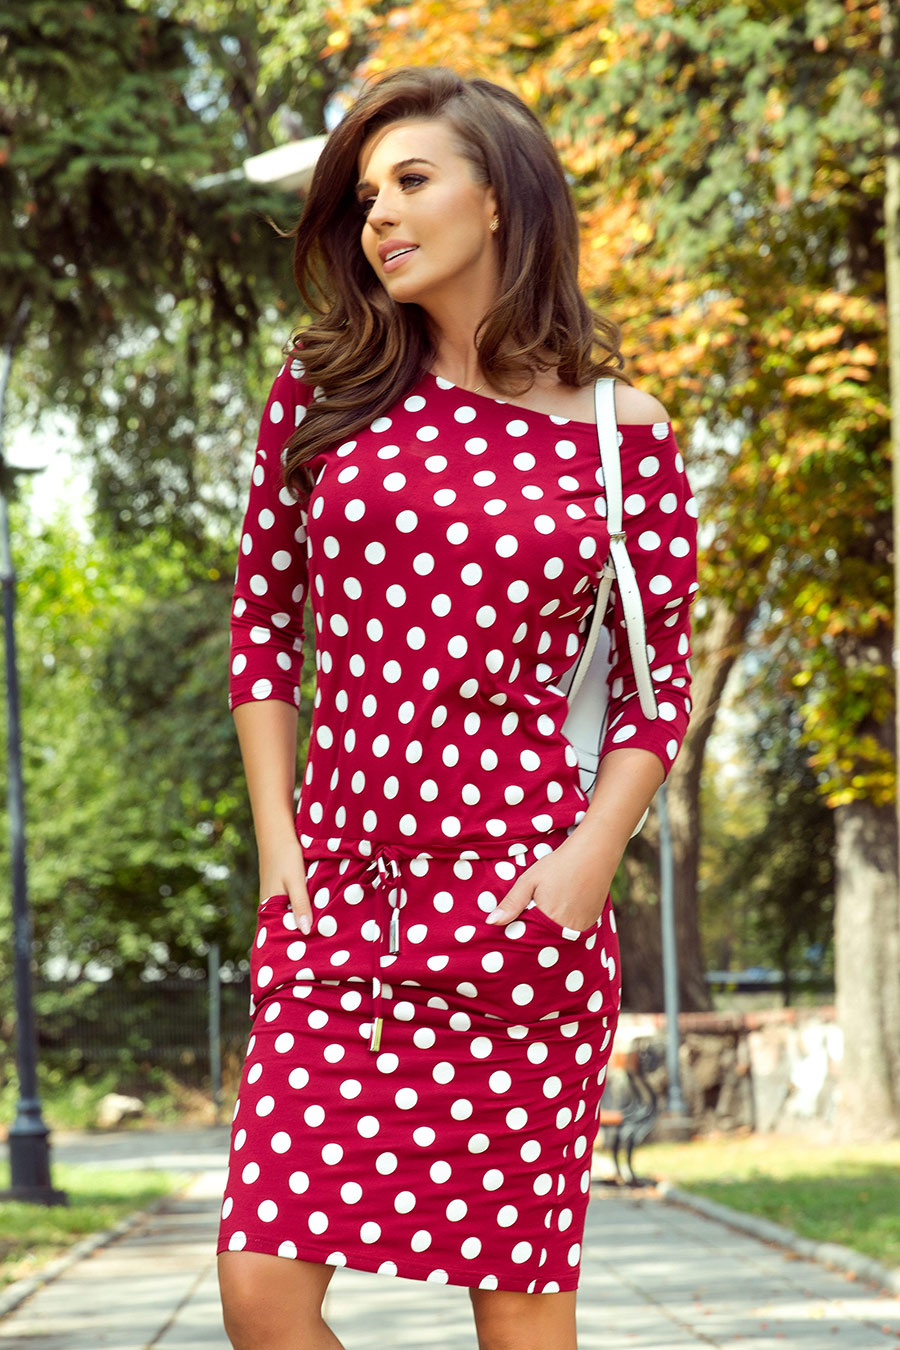 Šaty s puntíky se vrací do módy